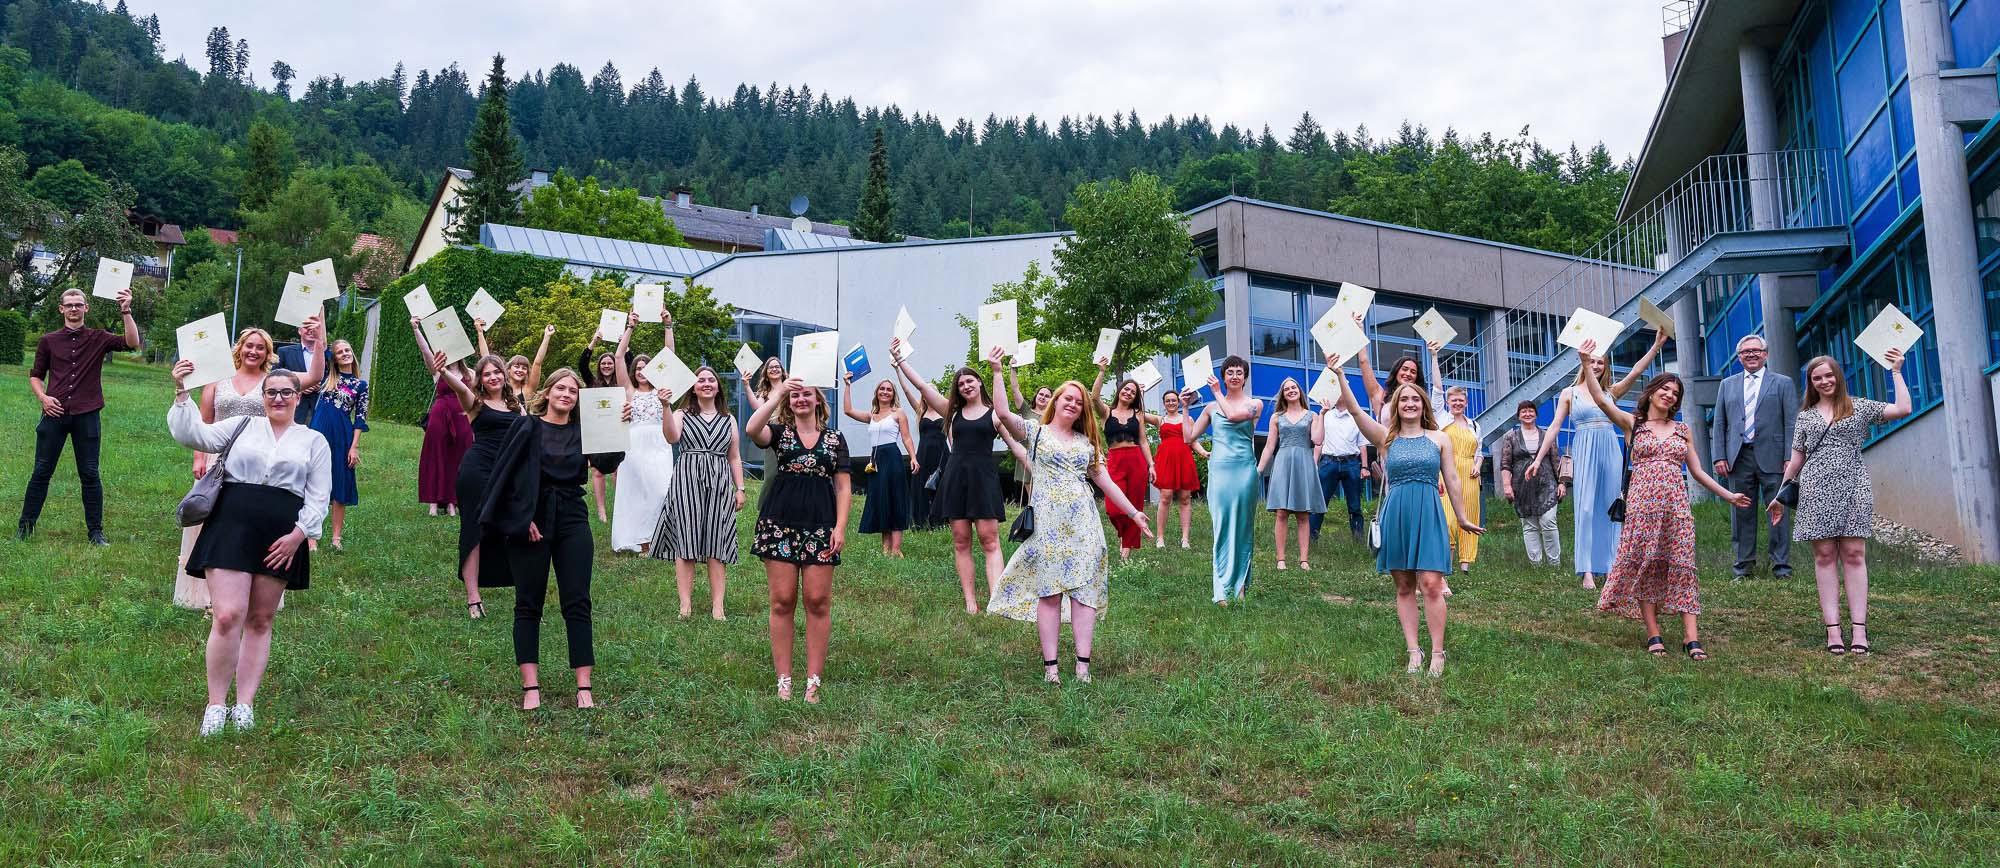 2020-8-5-WOL-BSW-Sozialwissensch. Gymnasium-Schule- 2020 Abschlussklasse SG-Verabschied